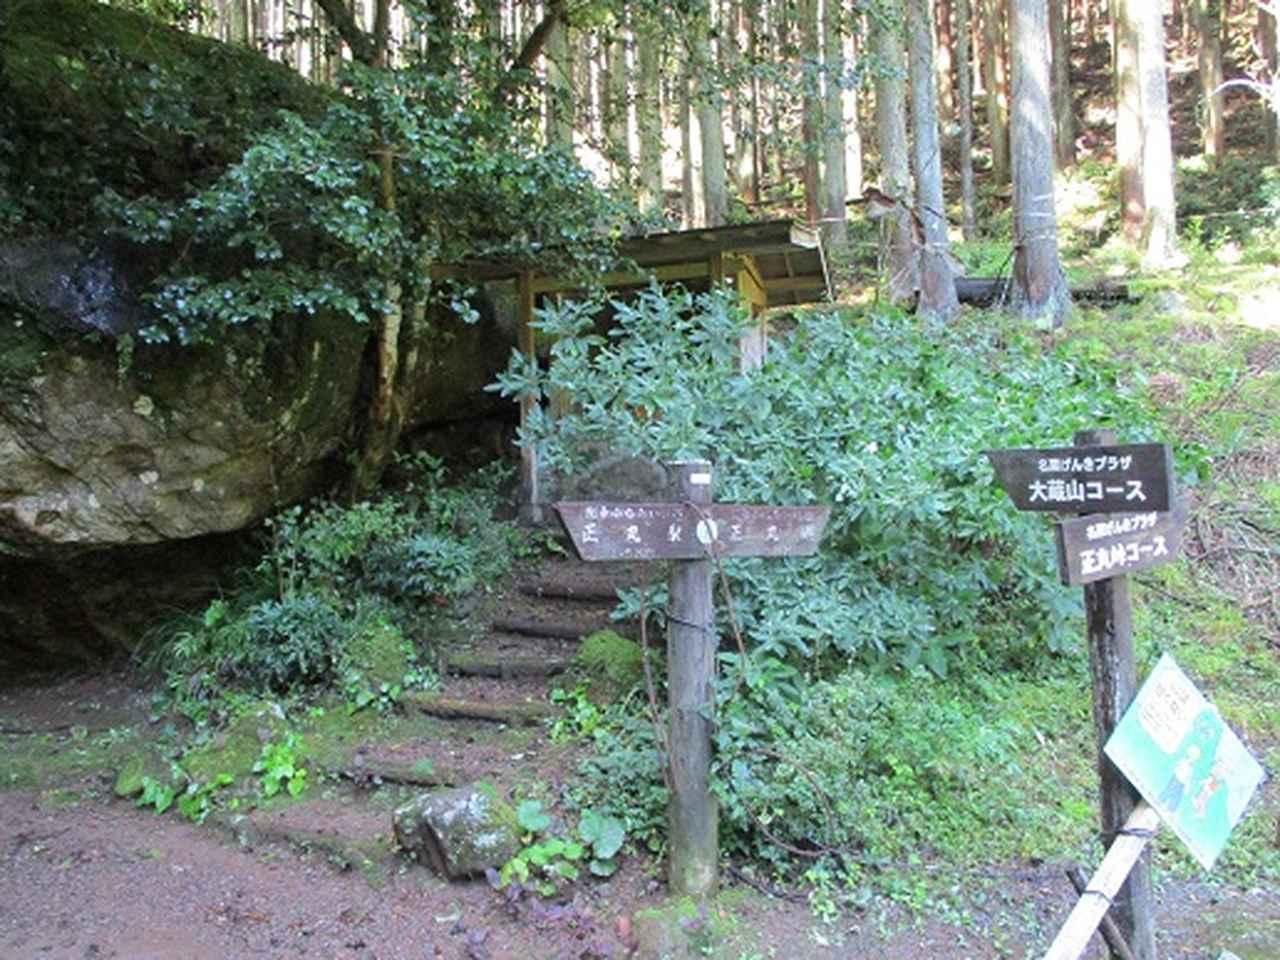 画像2: 【山旅会・登山ガイドこだわりツアー】岡田ガイドからの便り・伊豆ヶ岳の下見にいってまいりました!